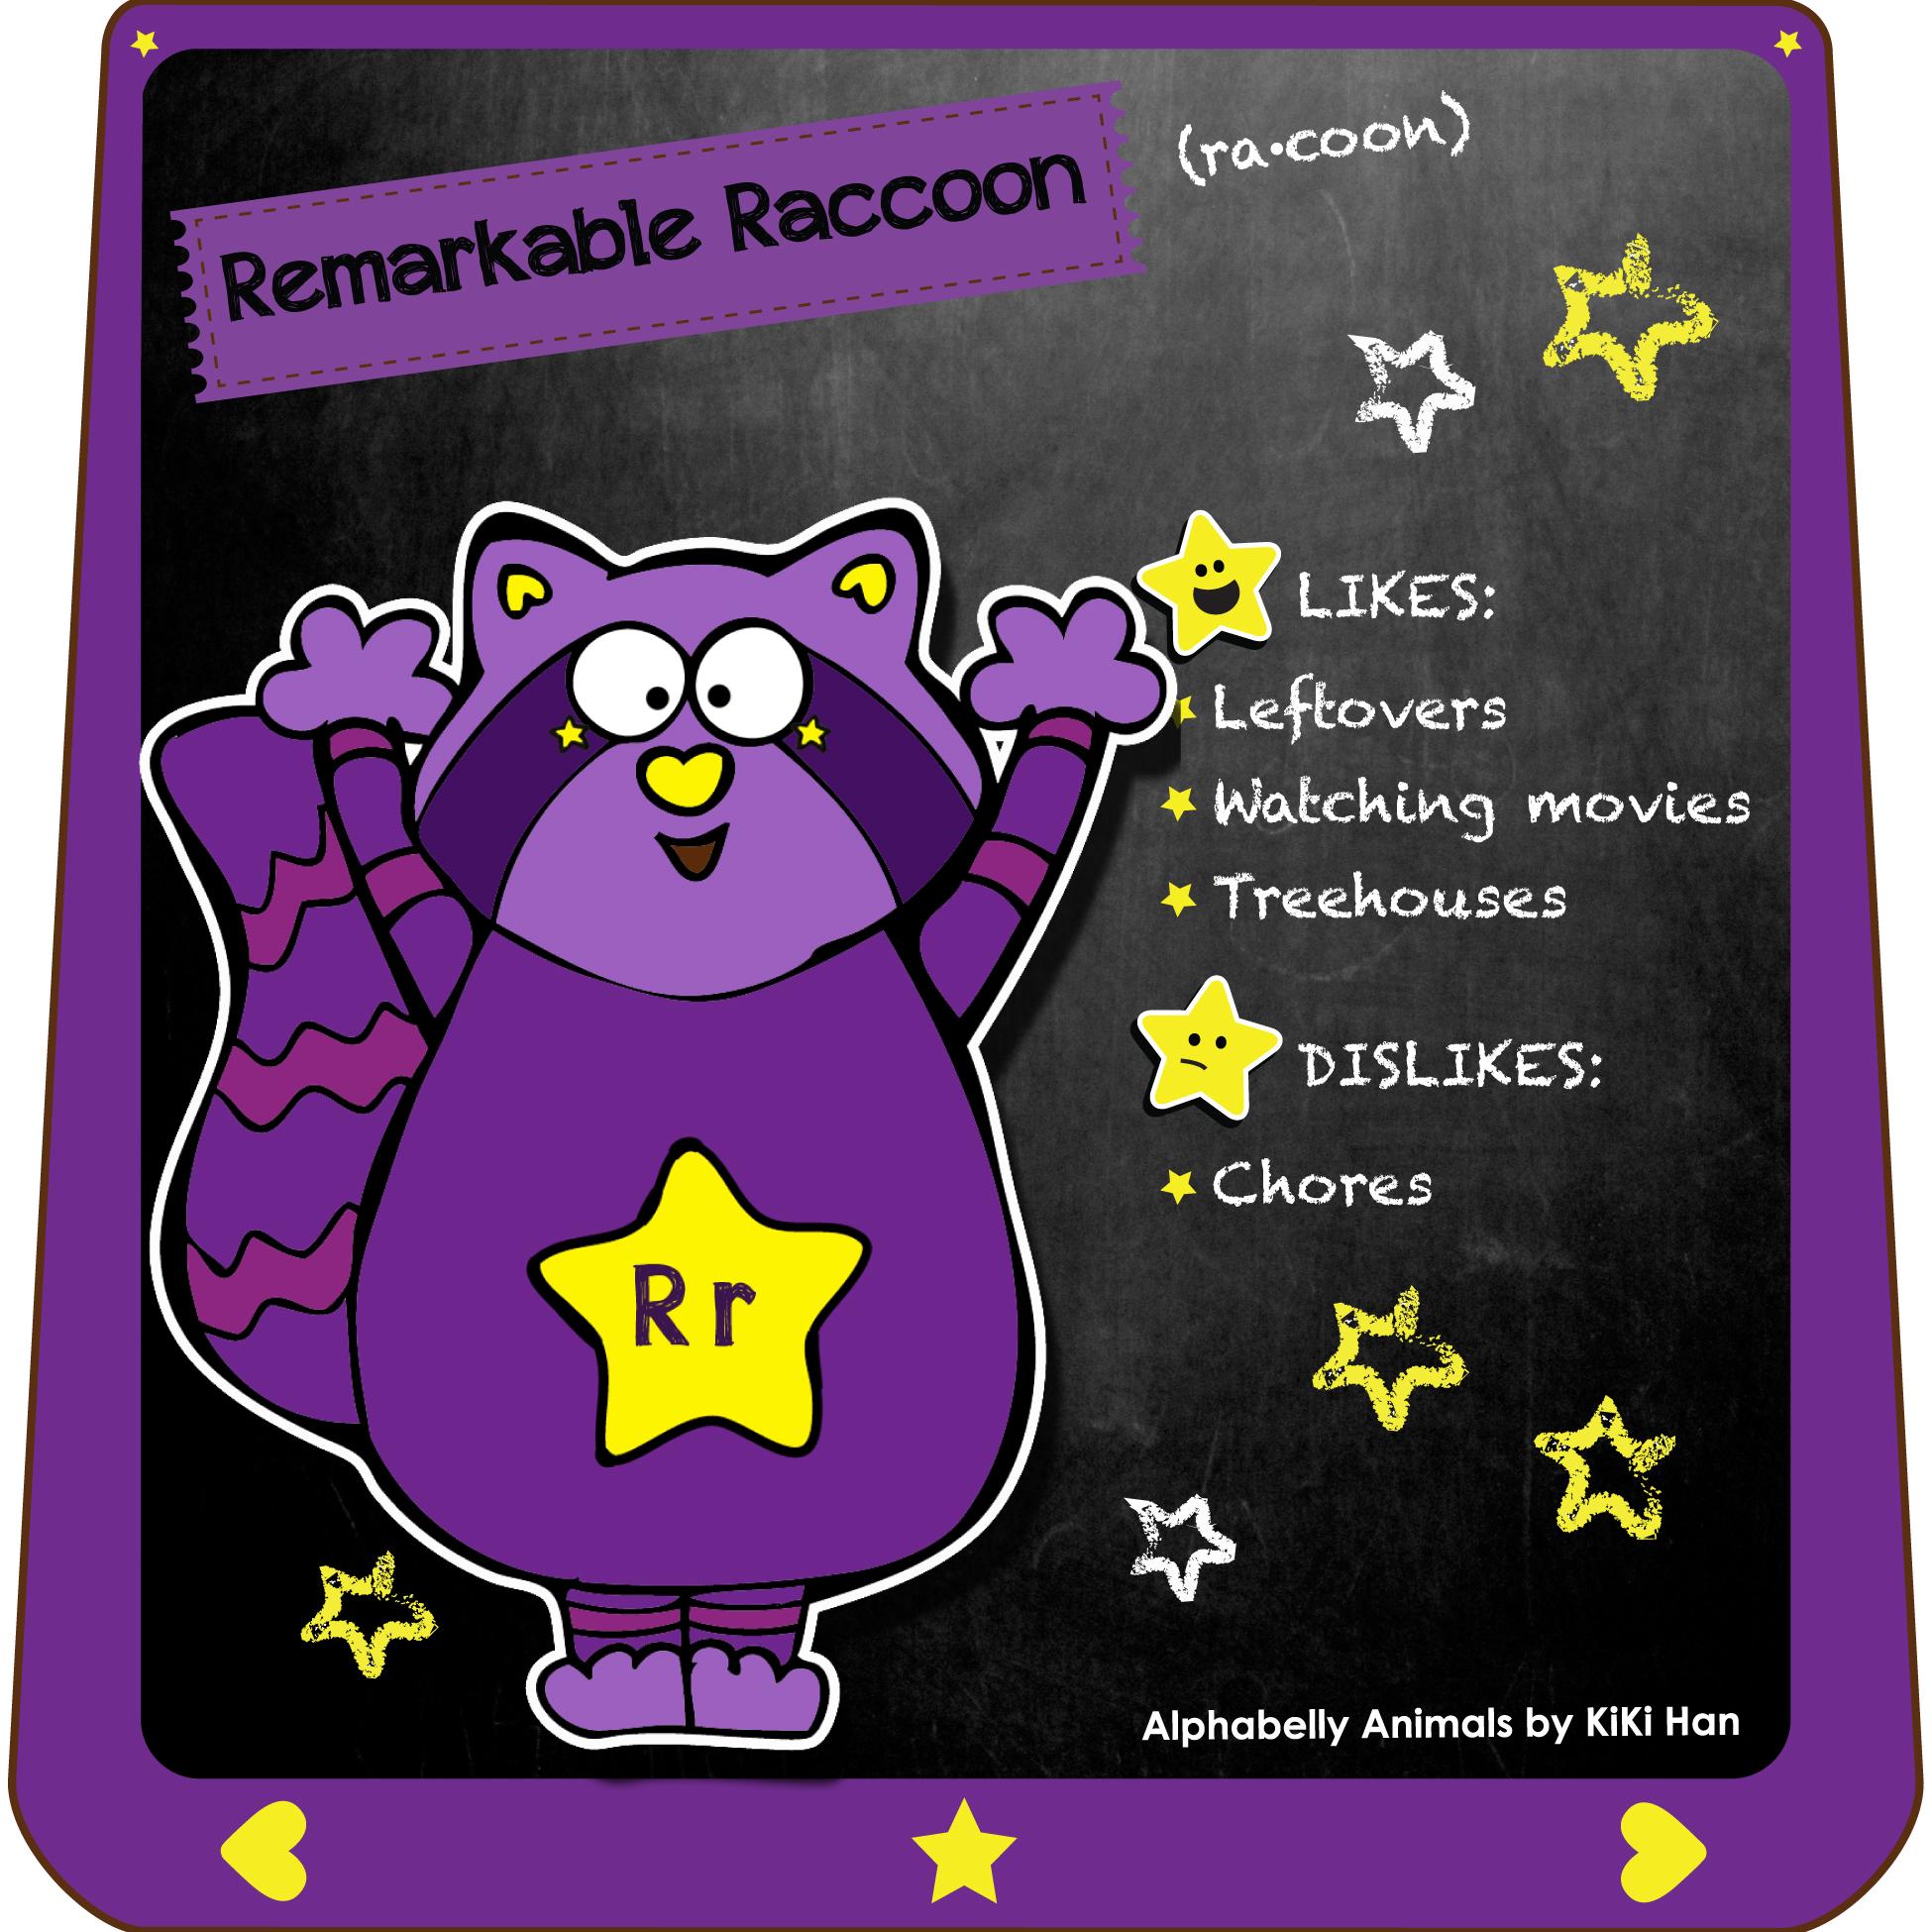 Raccoon I KiKi Han I KiKiHan I GeekyKiKi I Geeky KiKi I Missgeekykiki I Cutiecons I Cutiecon I Cutie Con I Alphabellies I Alphabelly I A to Z Animal Poster